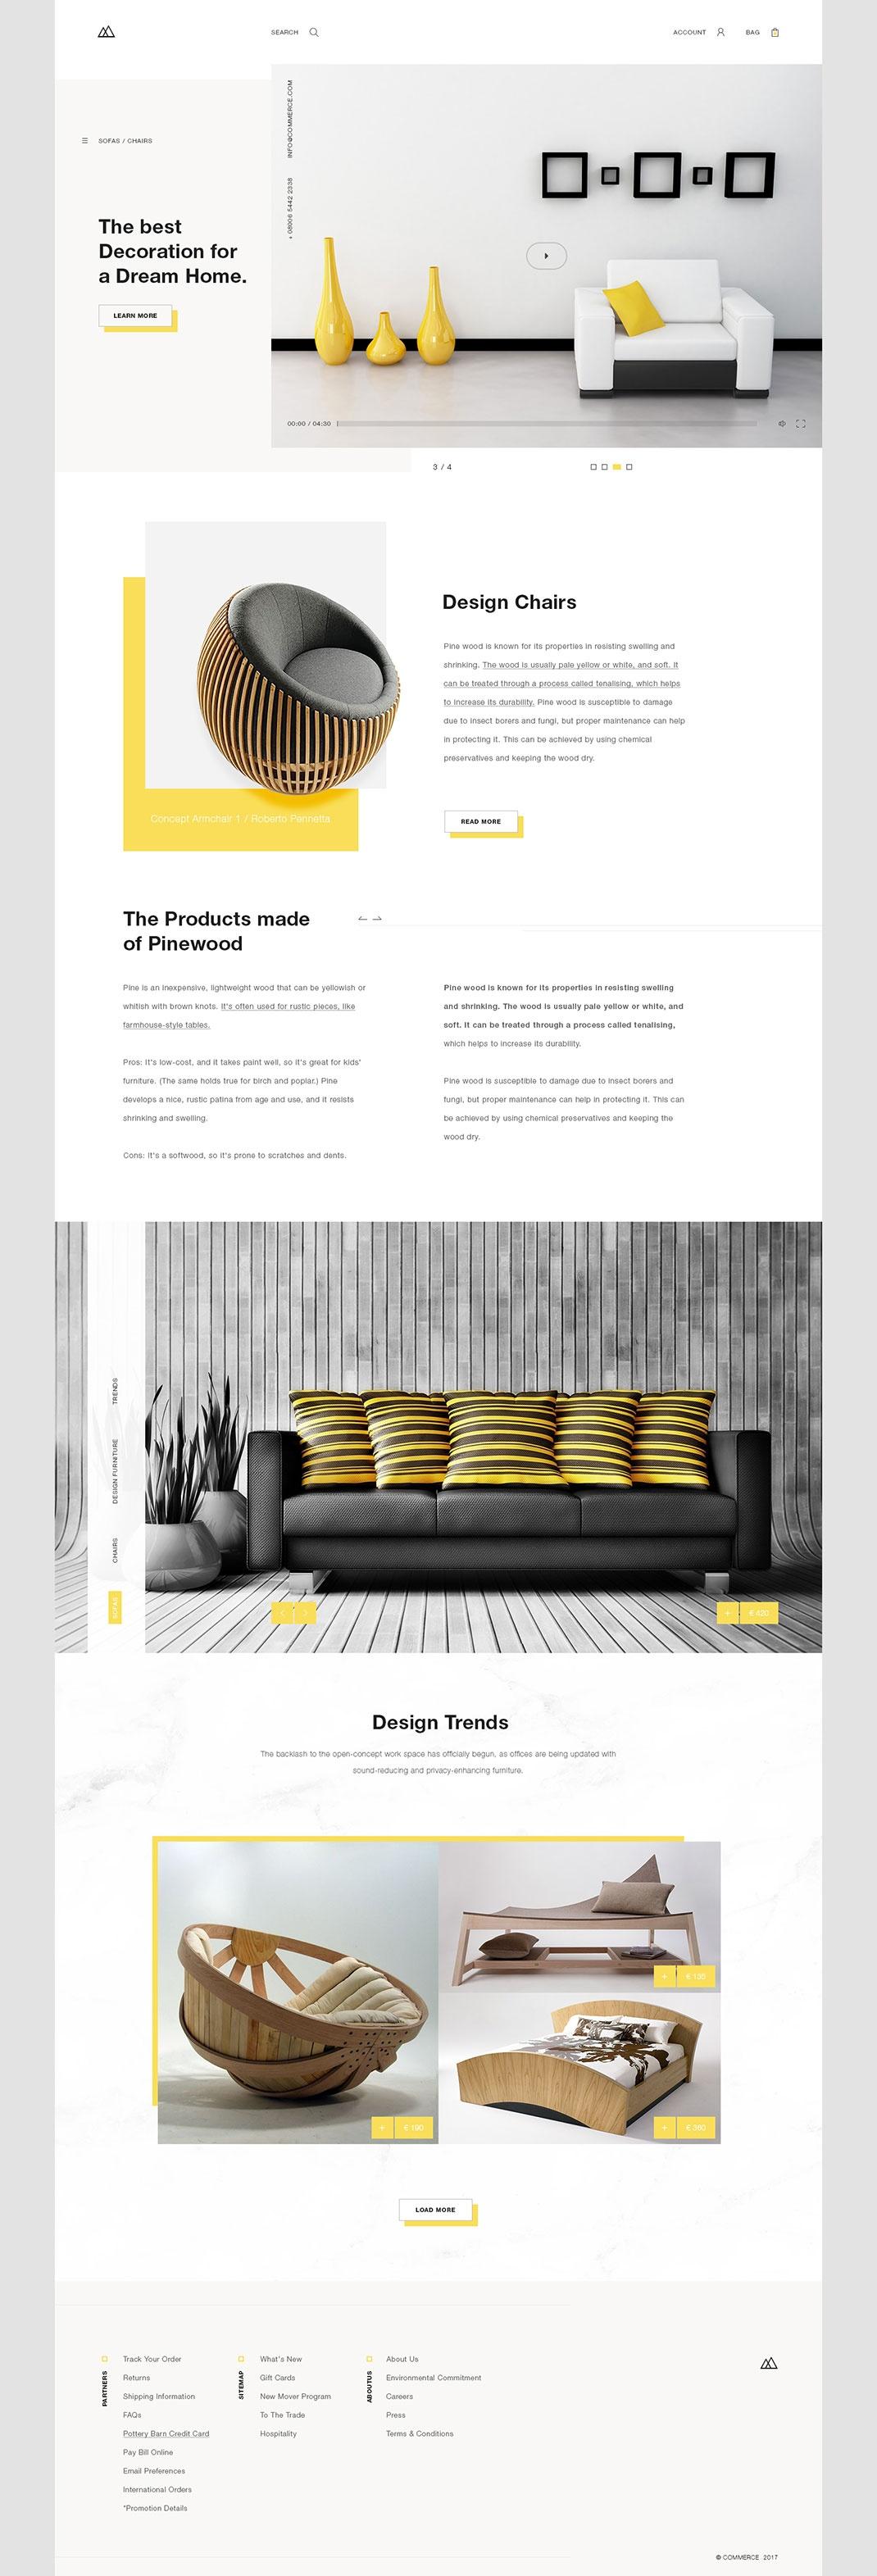 国外一家家具网站设计和手机app设计欣赏